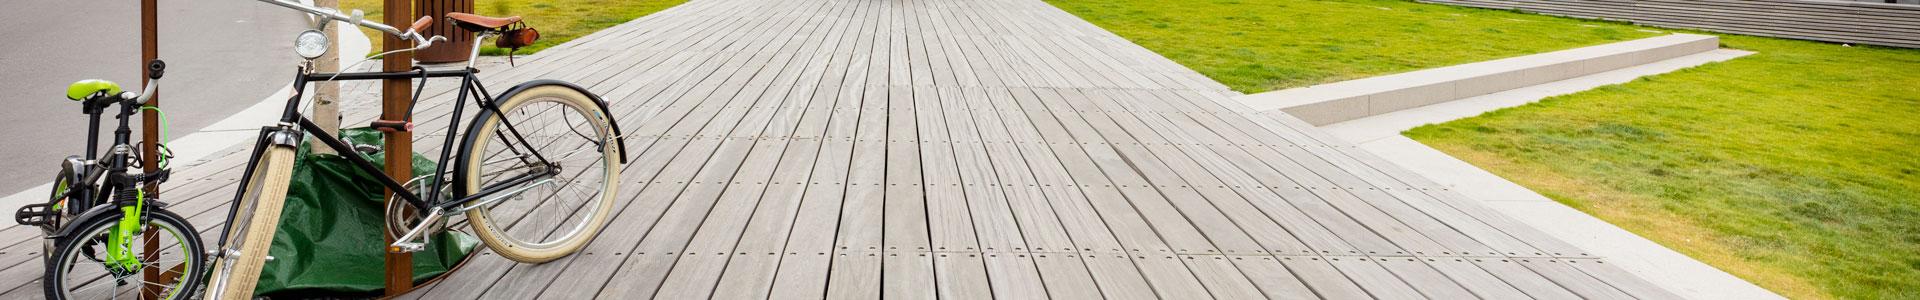 Prefabricerade trädäck - Kärnsund Wood Link